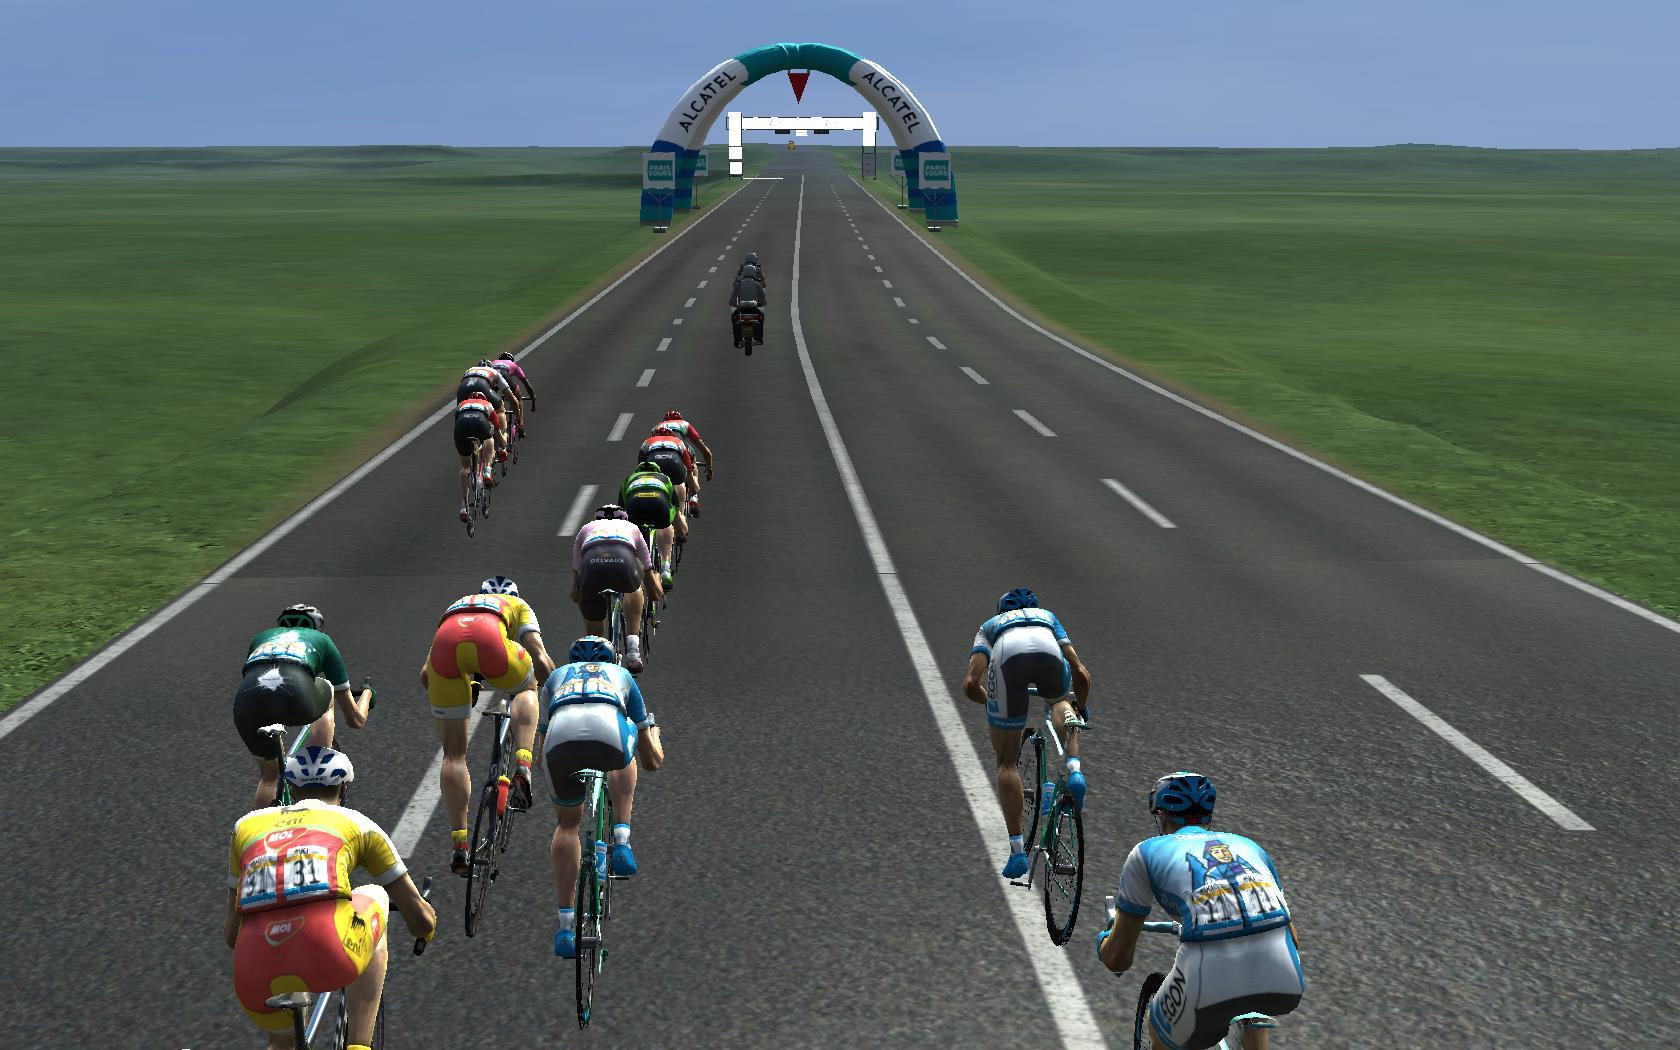 pcmdaily.com/images/mg/2018/Races/C2HC/ParisTours/PCM0016.jpg